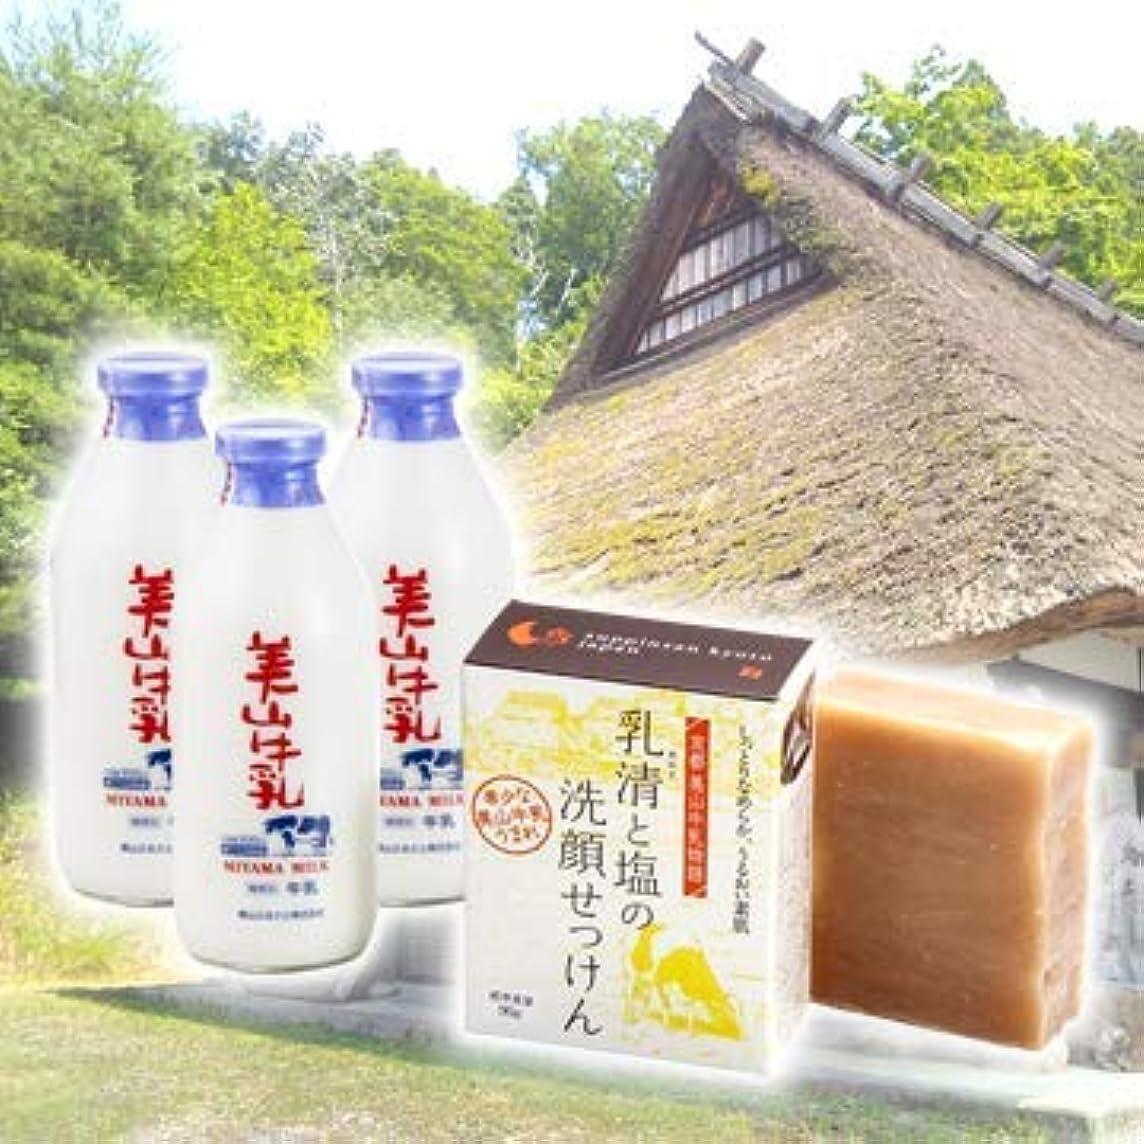 配送アームストロングきしむ京都美山牛乳物語「乳清と塩の洗顔せっけん」